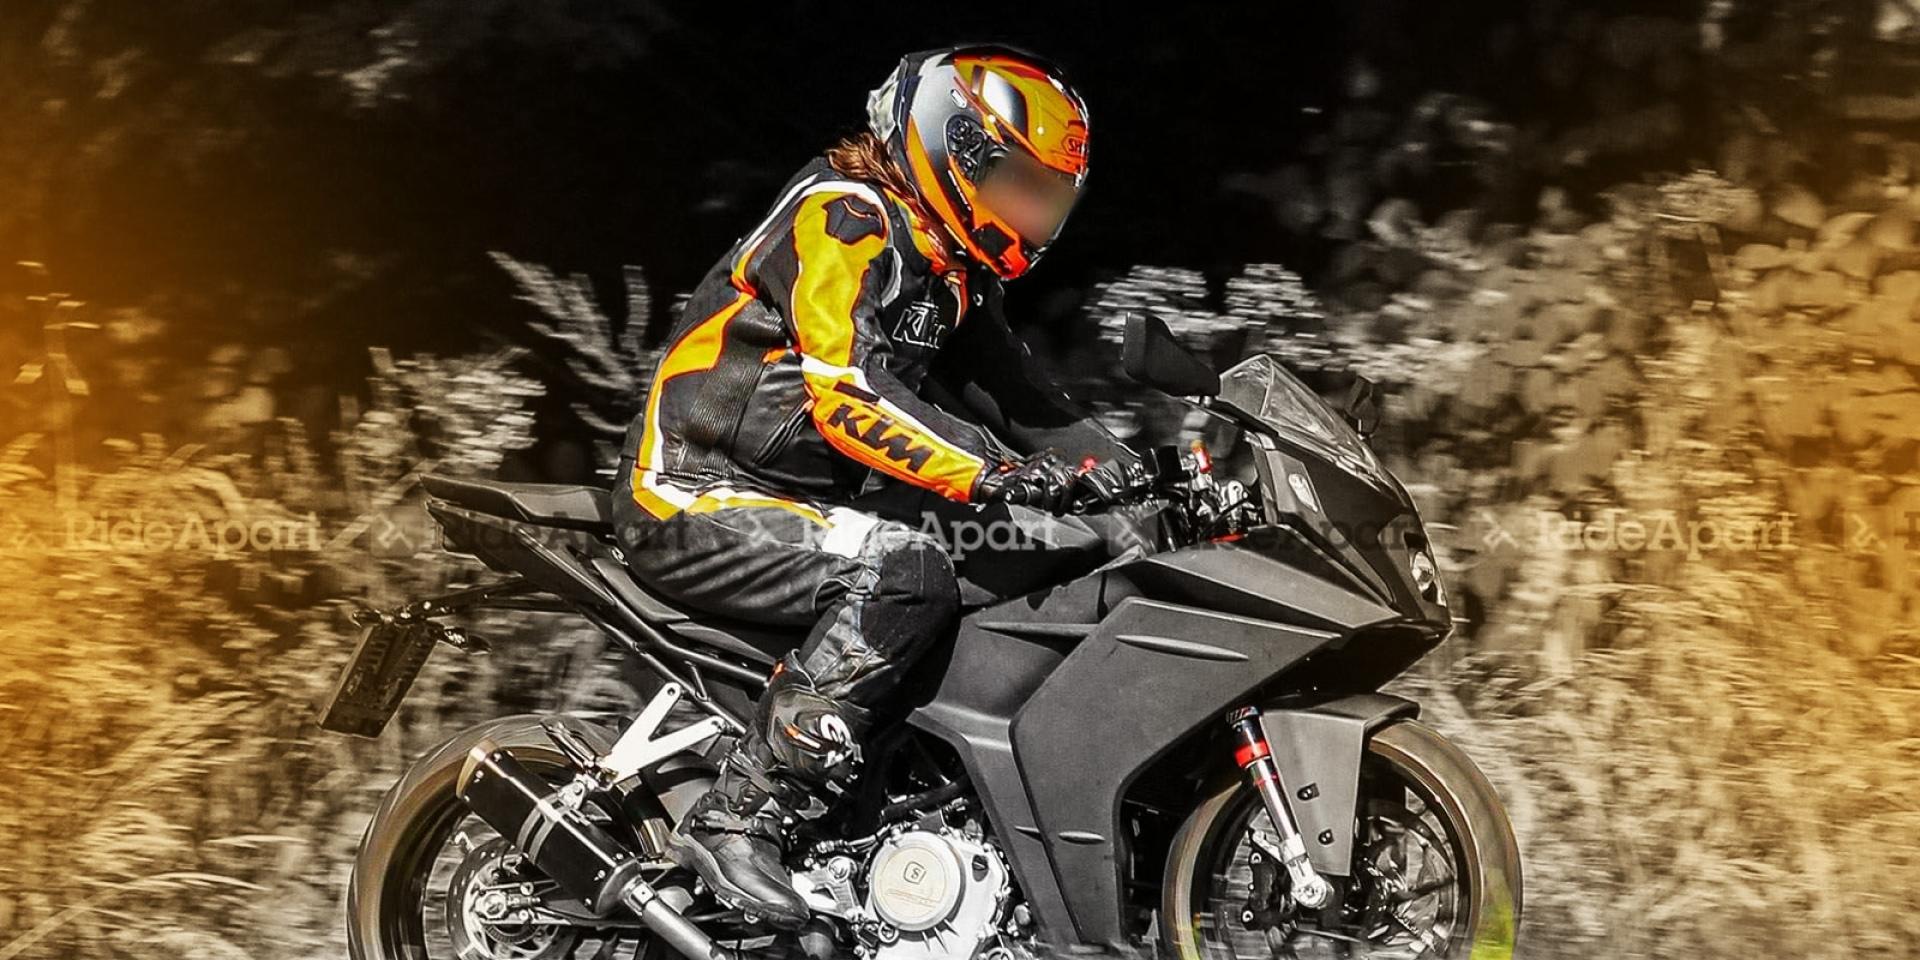 即將發表的中量級仿賽戰將!KTM RC390最新測試圖流出